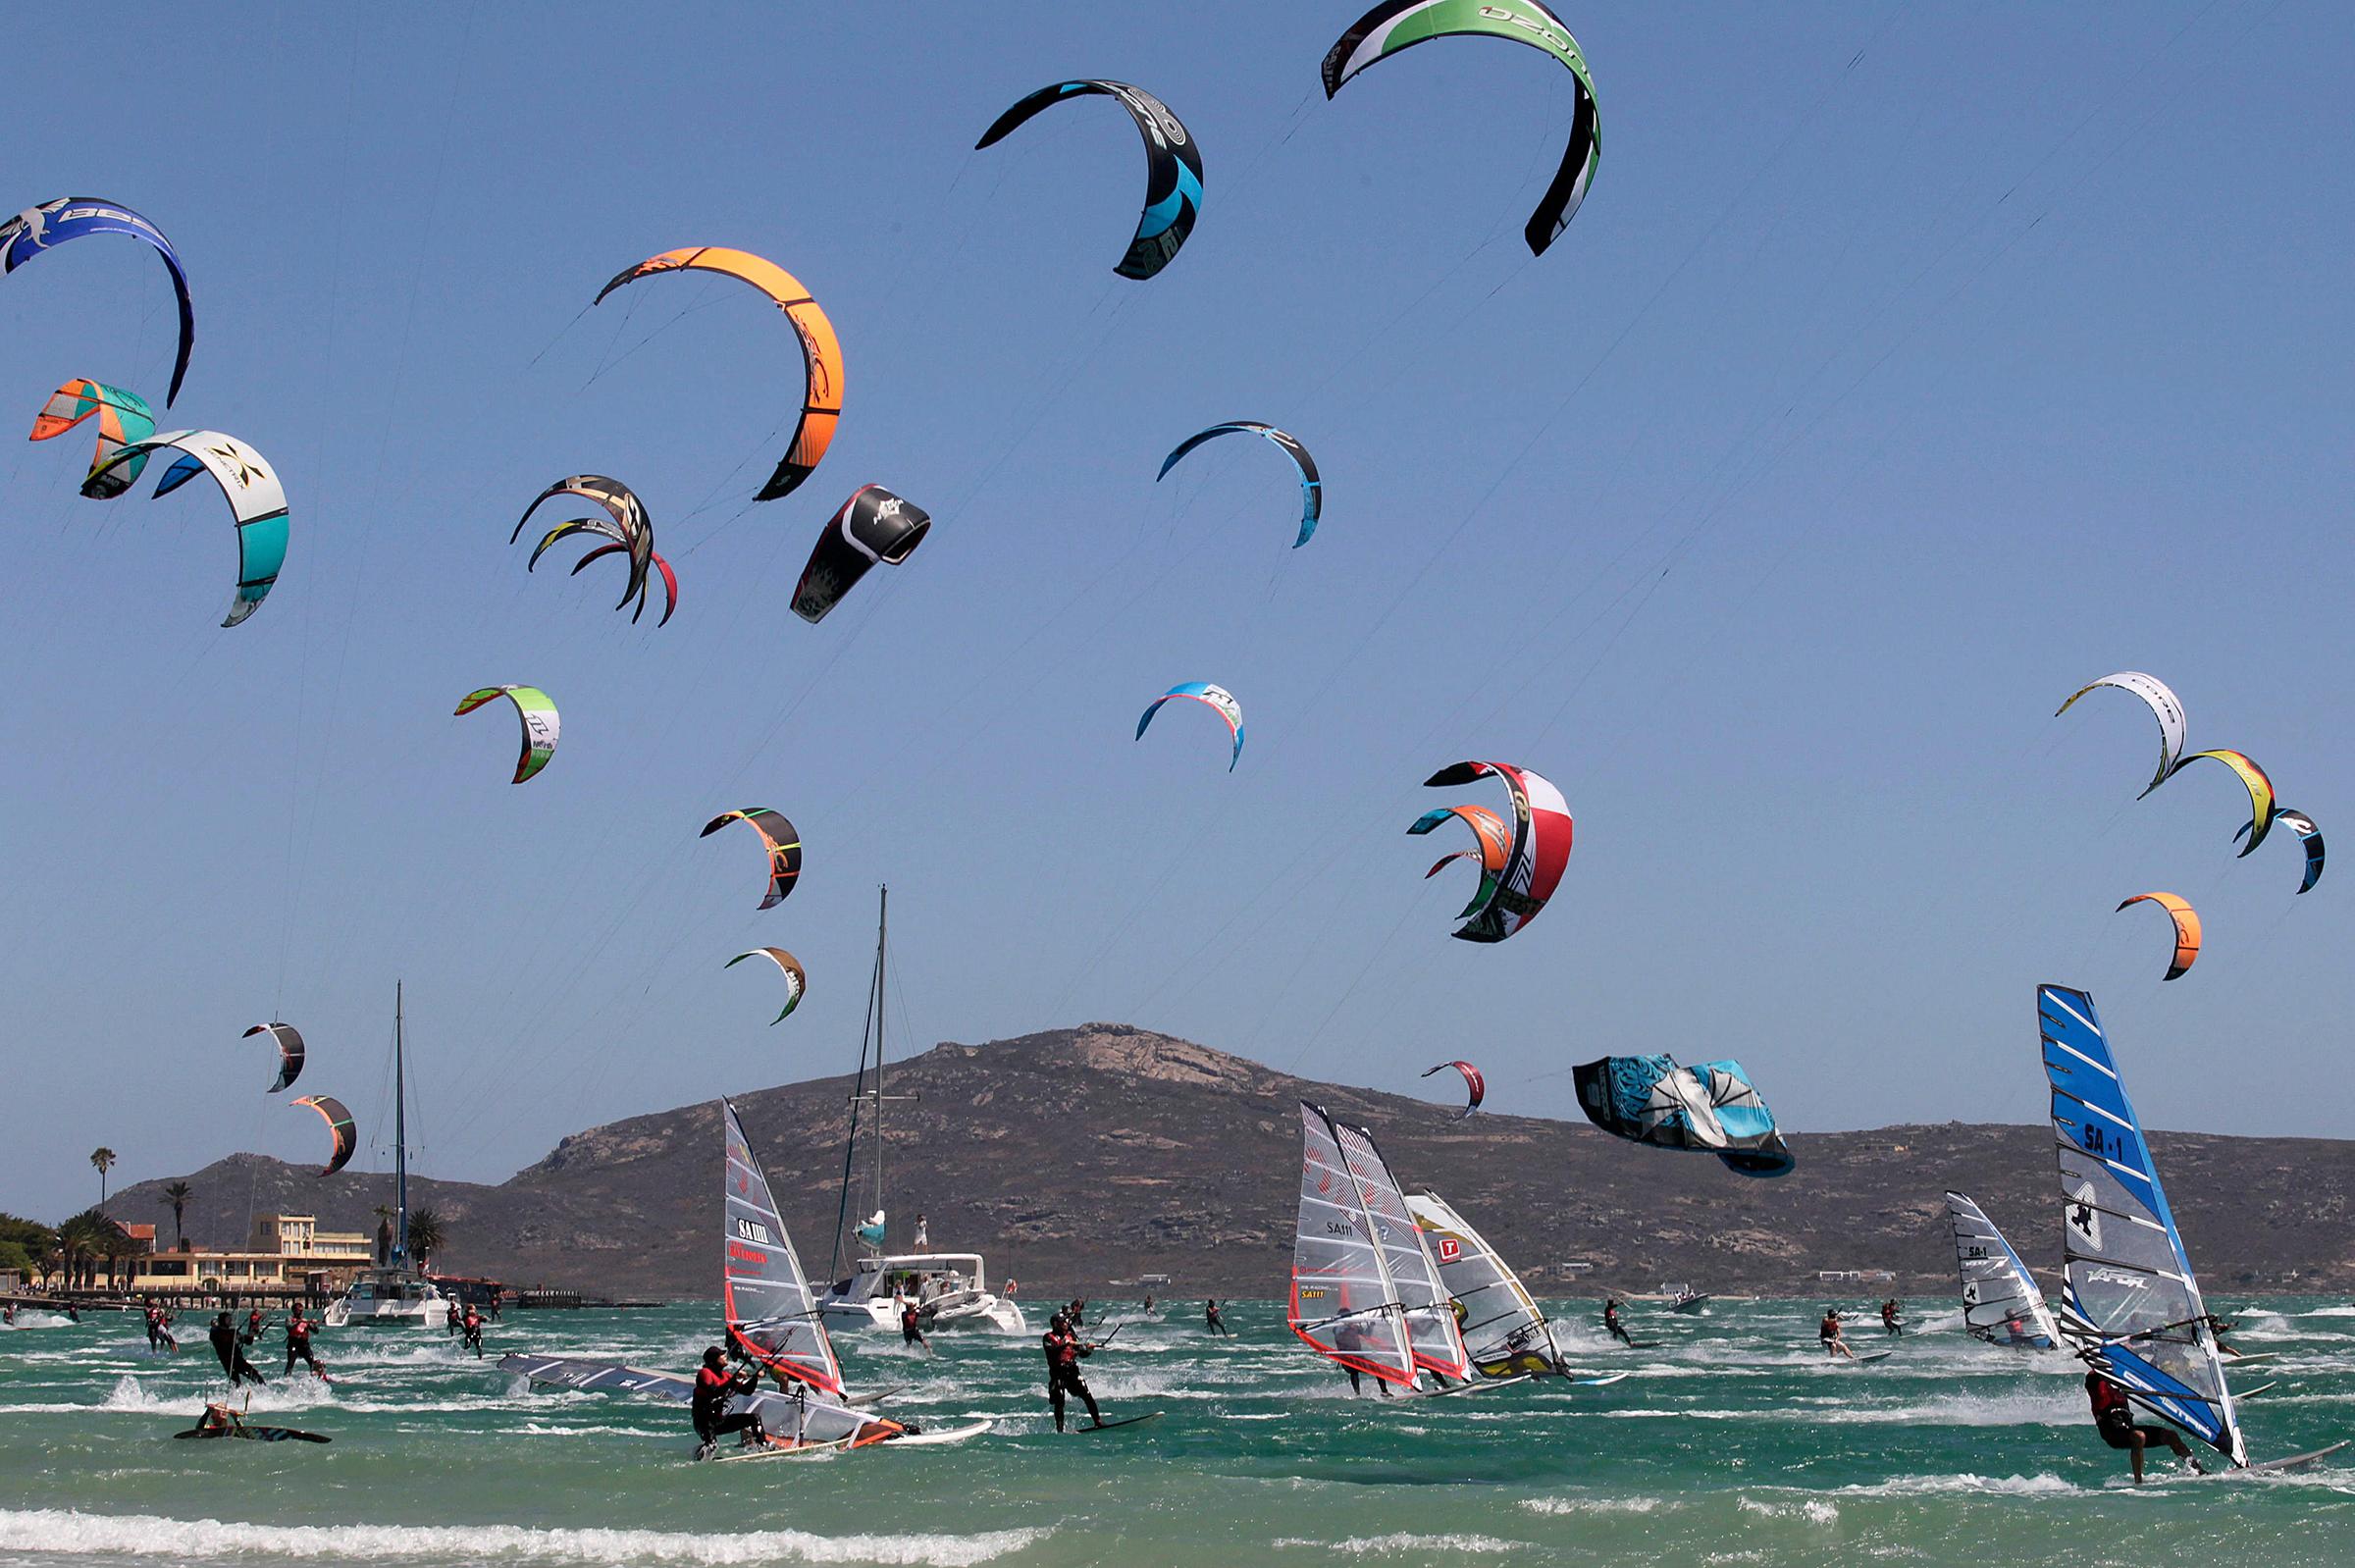 A 2-3 ore da Citt del Capo Windsurf e candeggio sulla costa occidentale